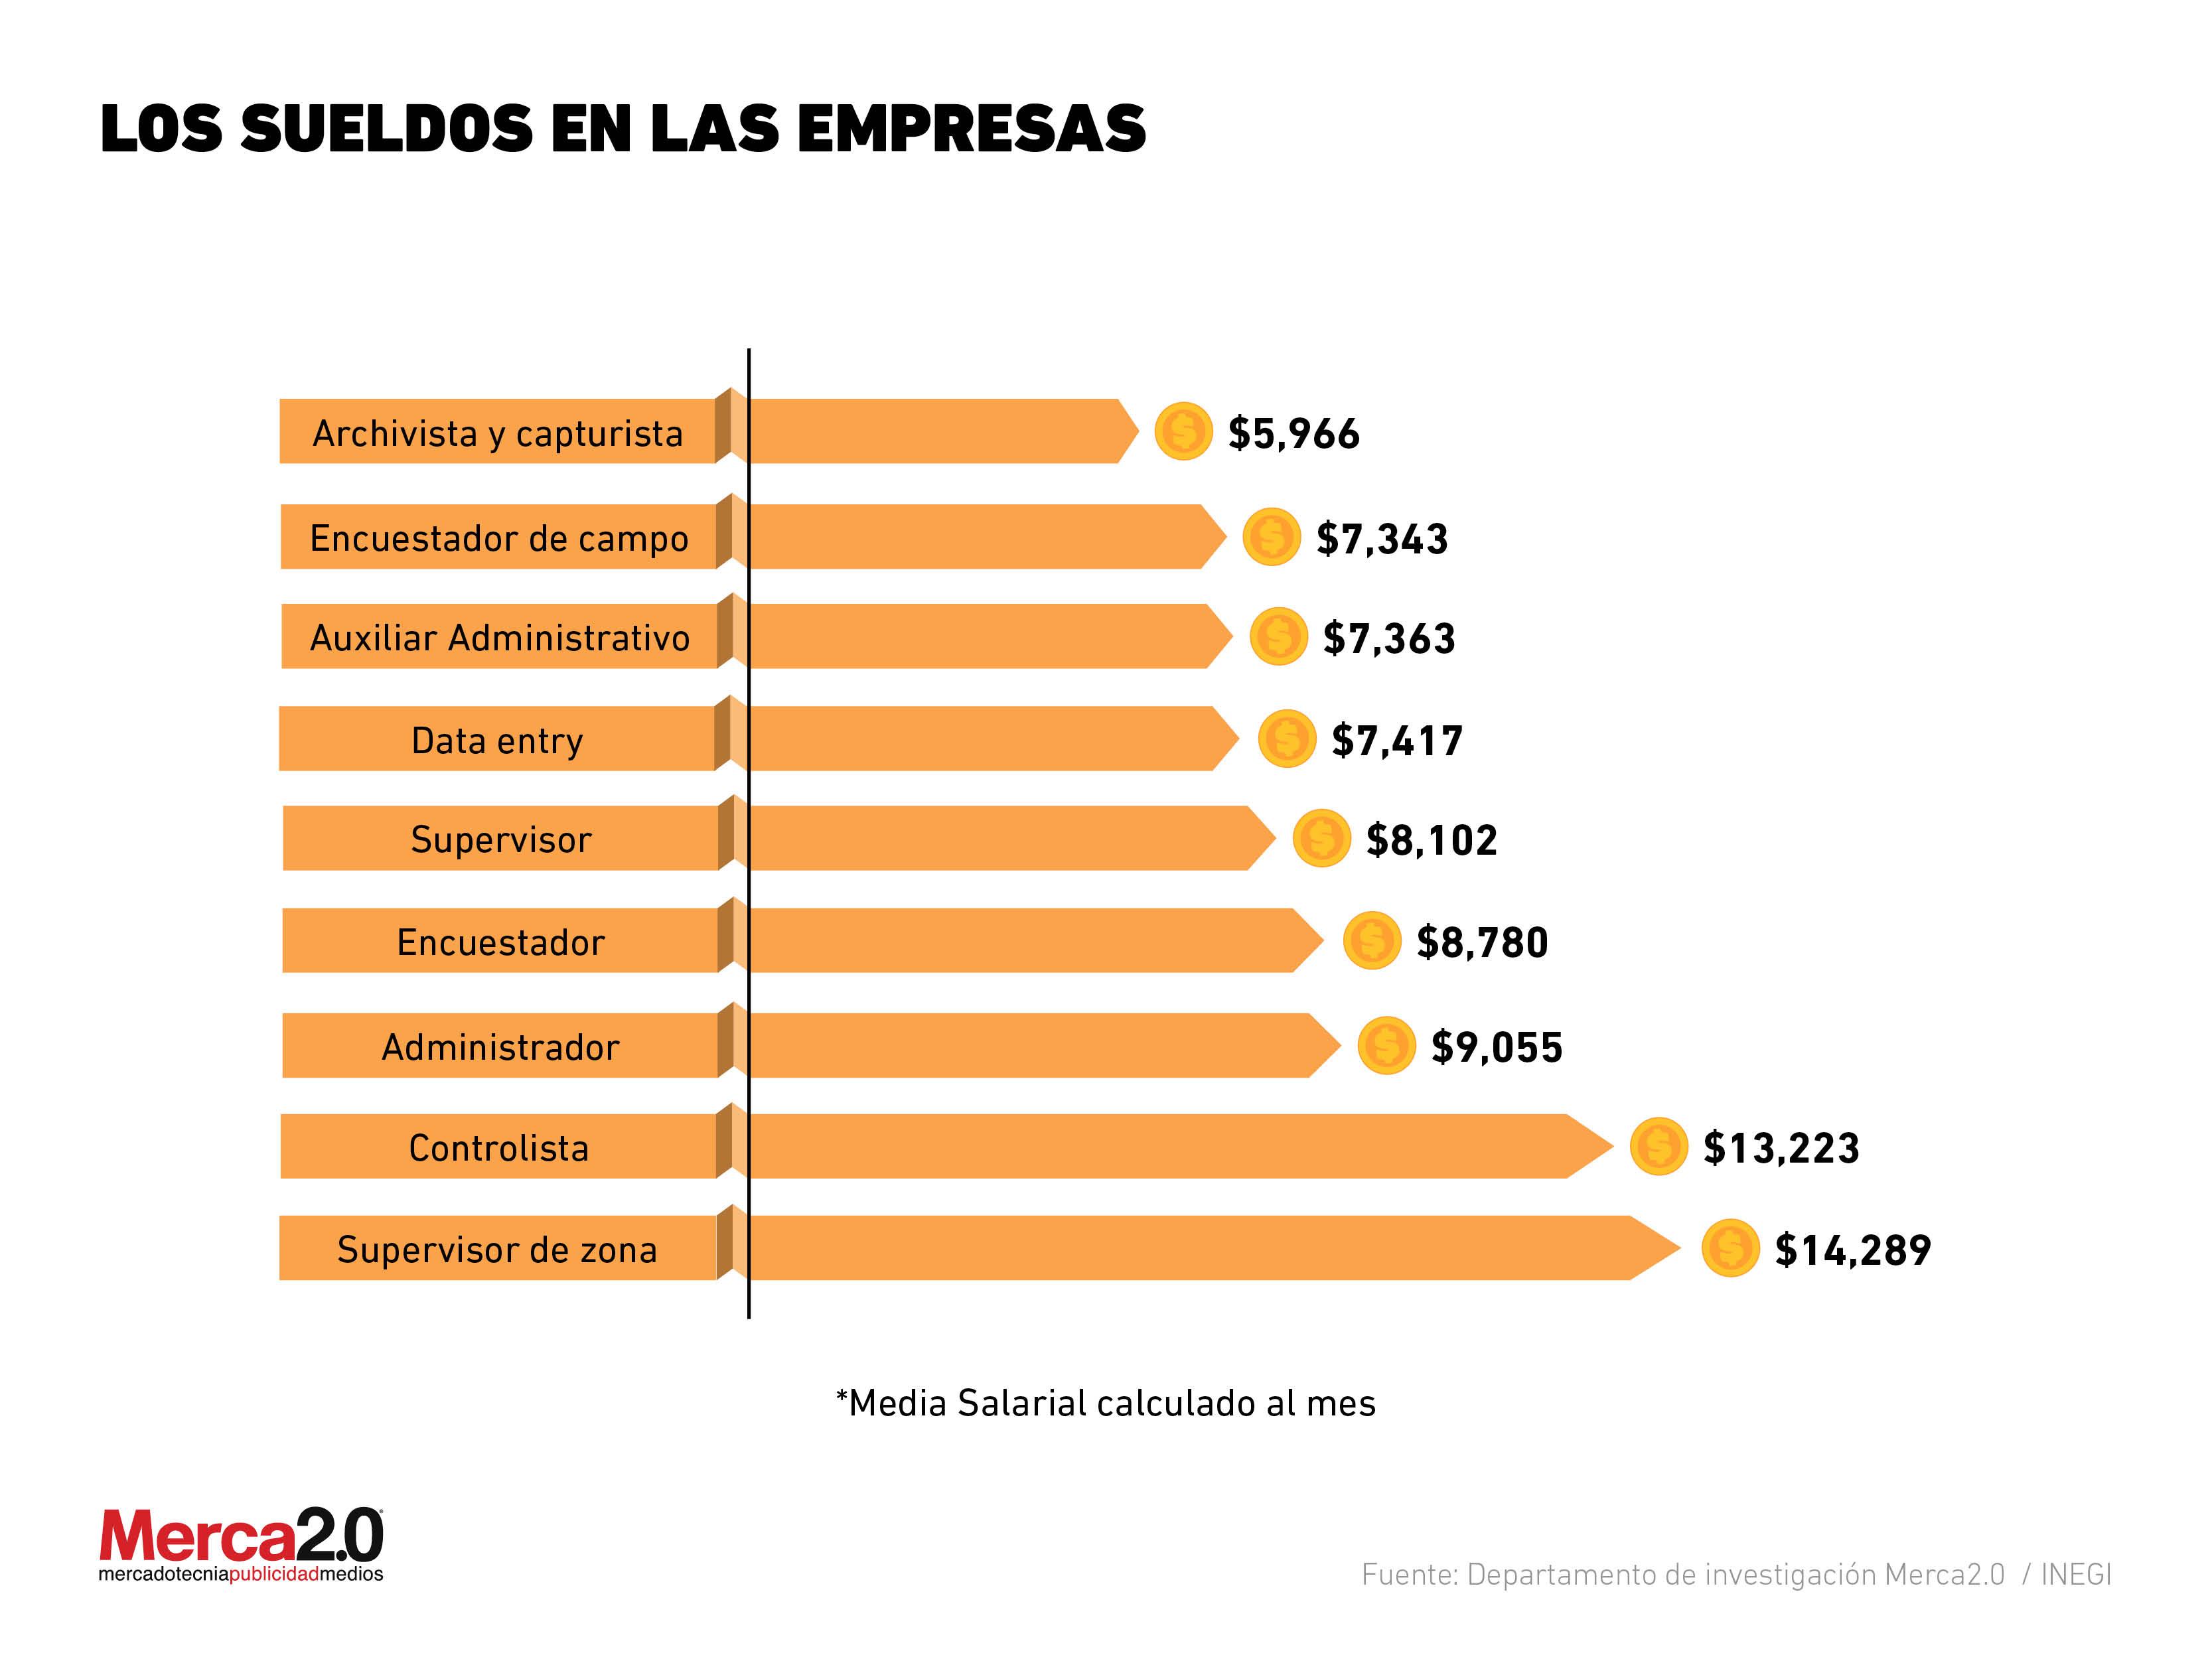 Los sueldos en las empresas durante 2018